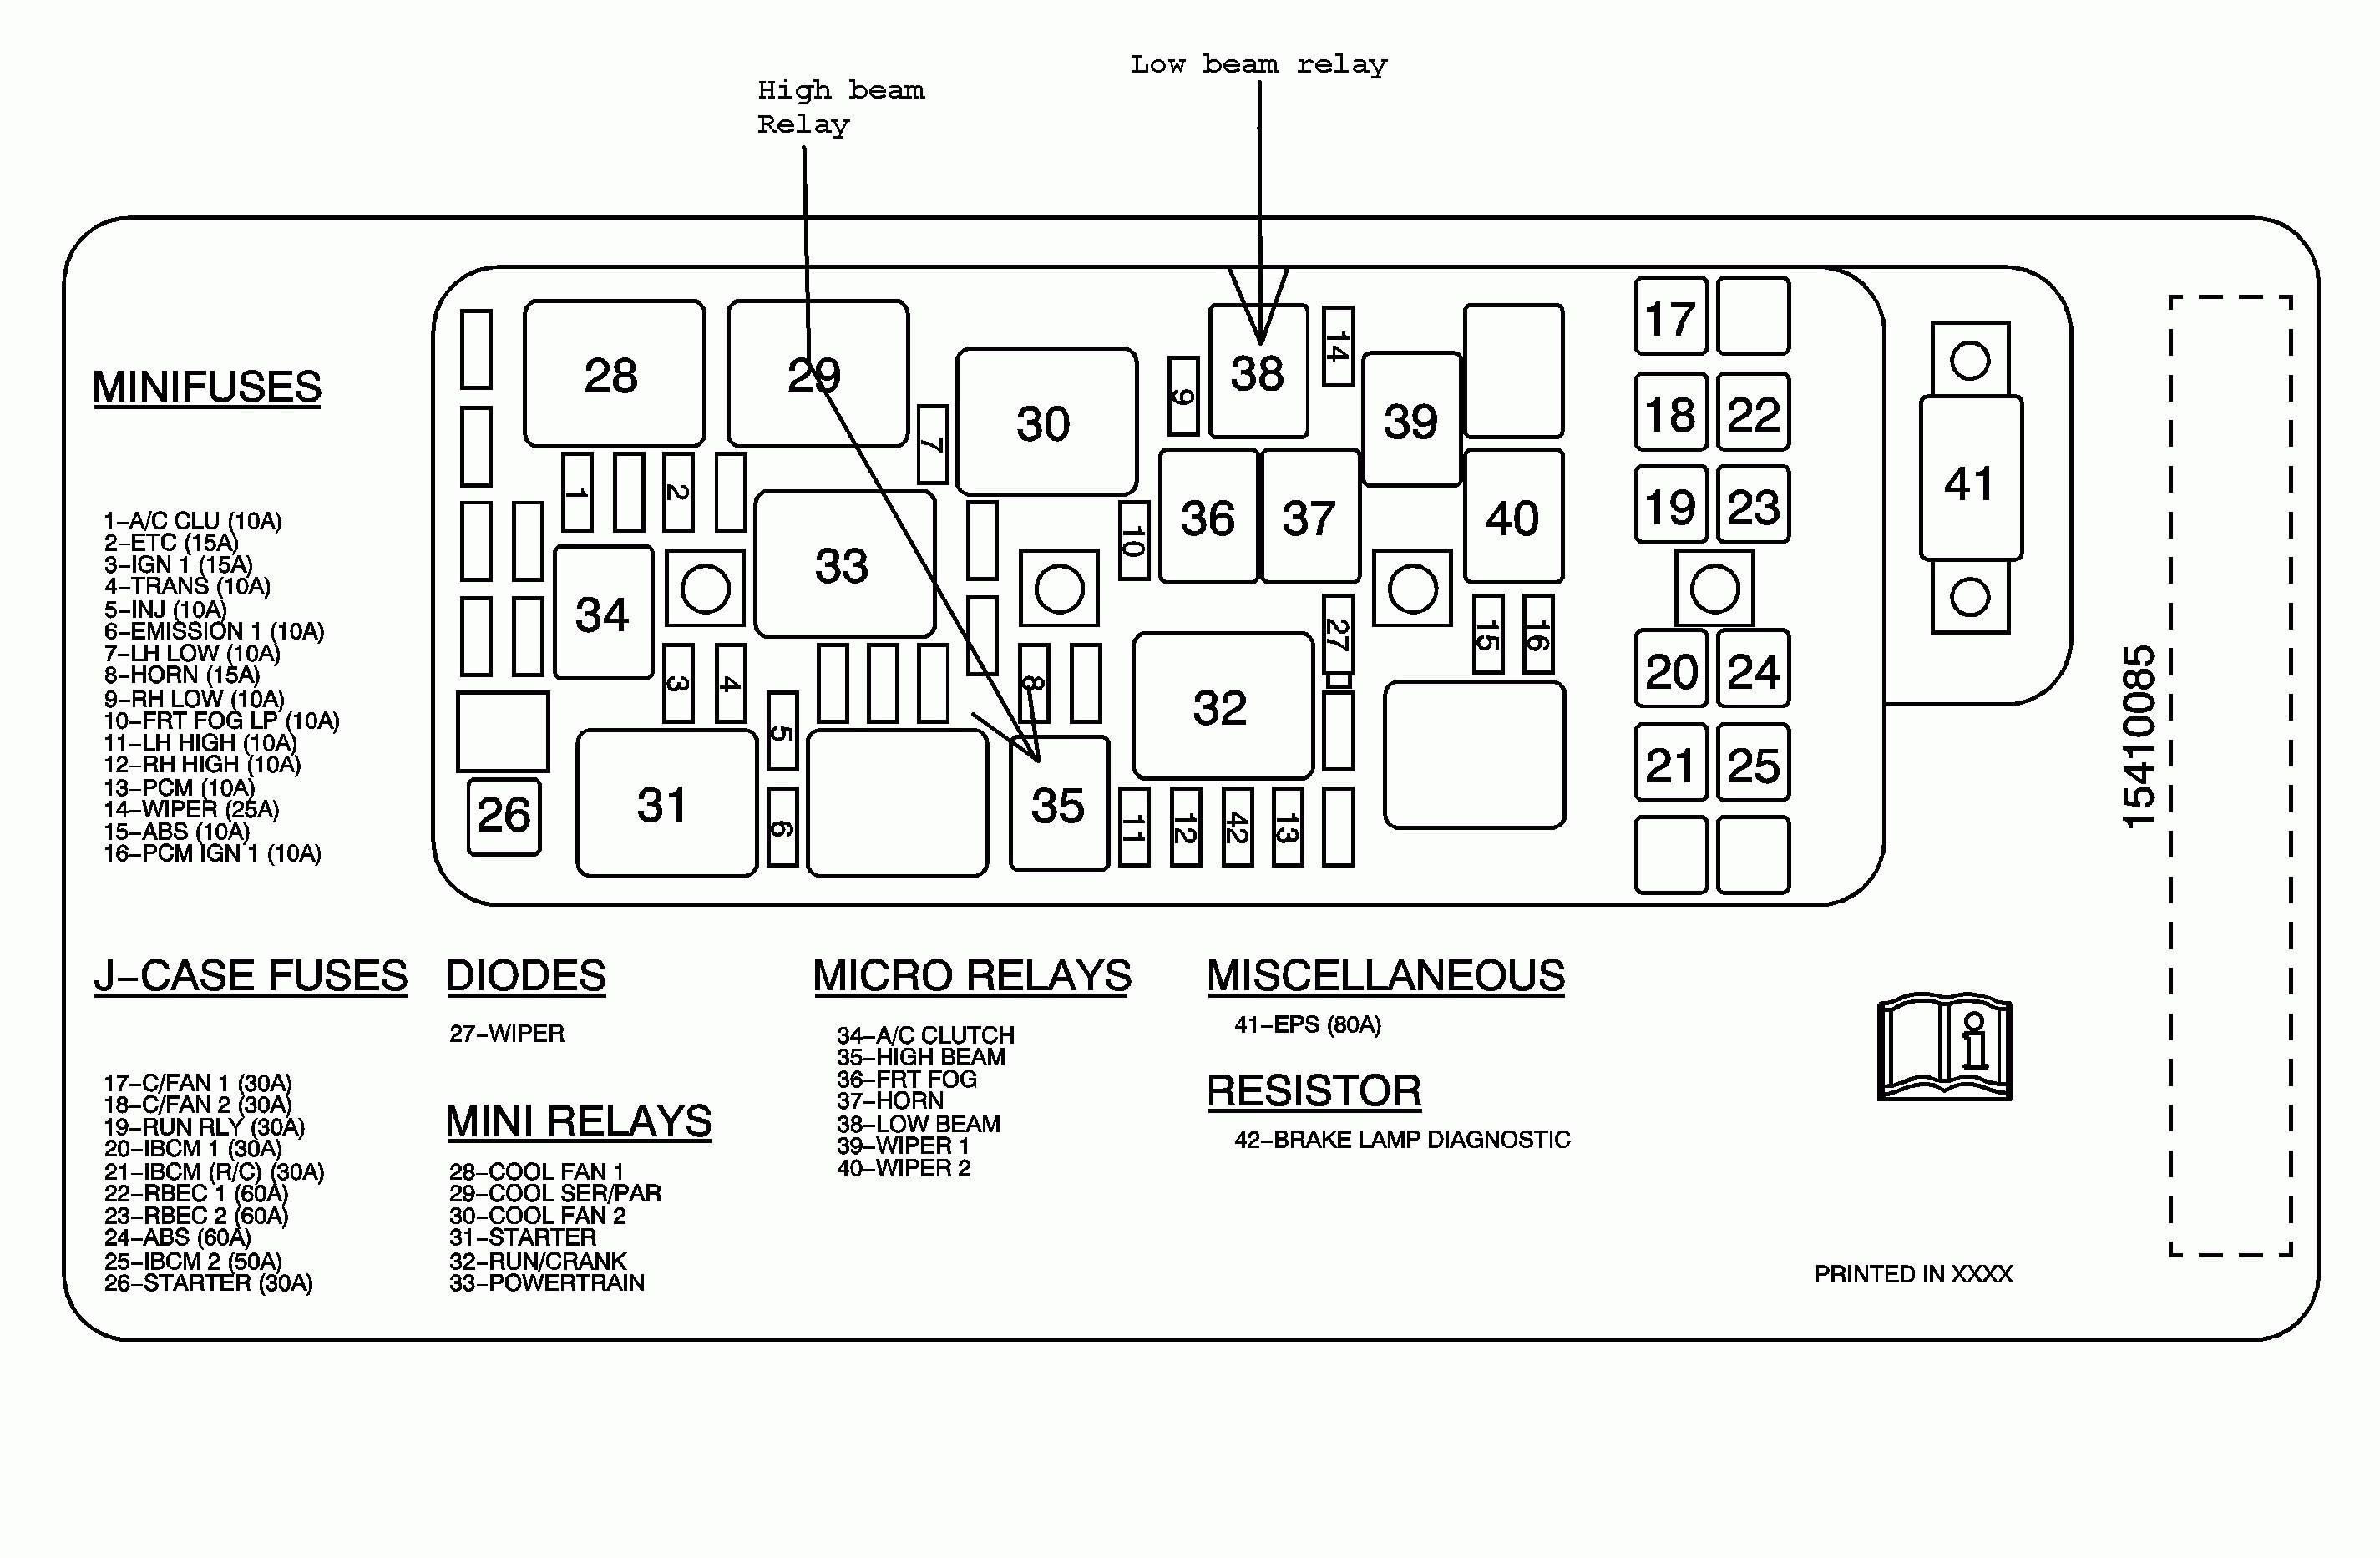 2006 chevy cobalt ls radio wiring diagram toyota 1jz gte 05 fuse schematic library 2010 engine